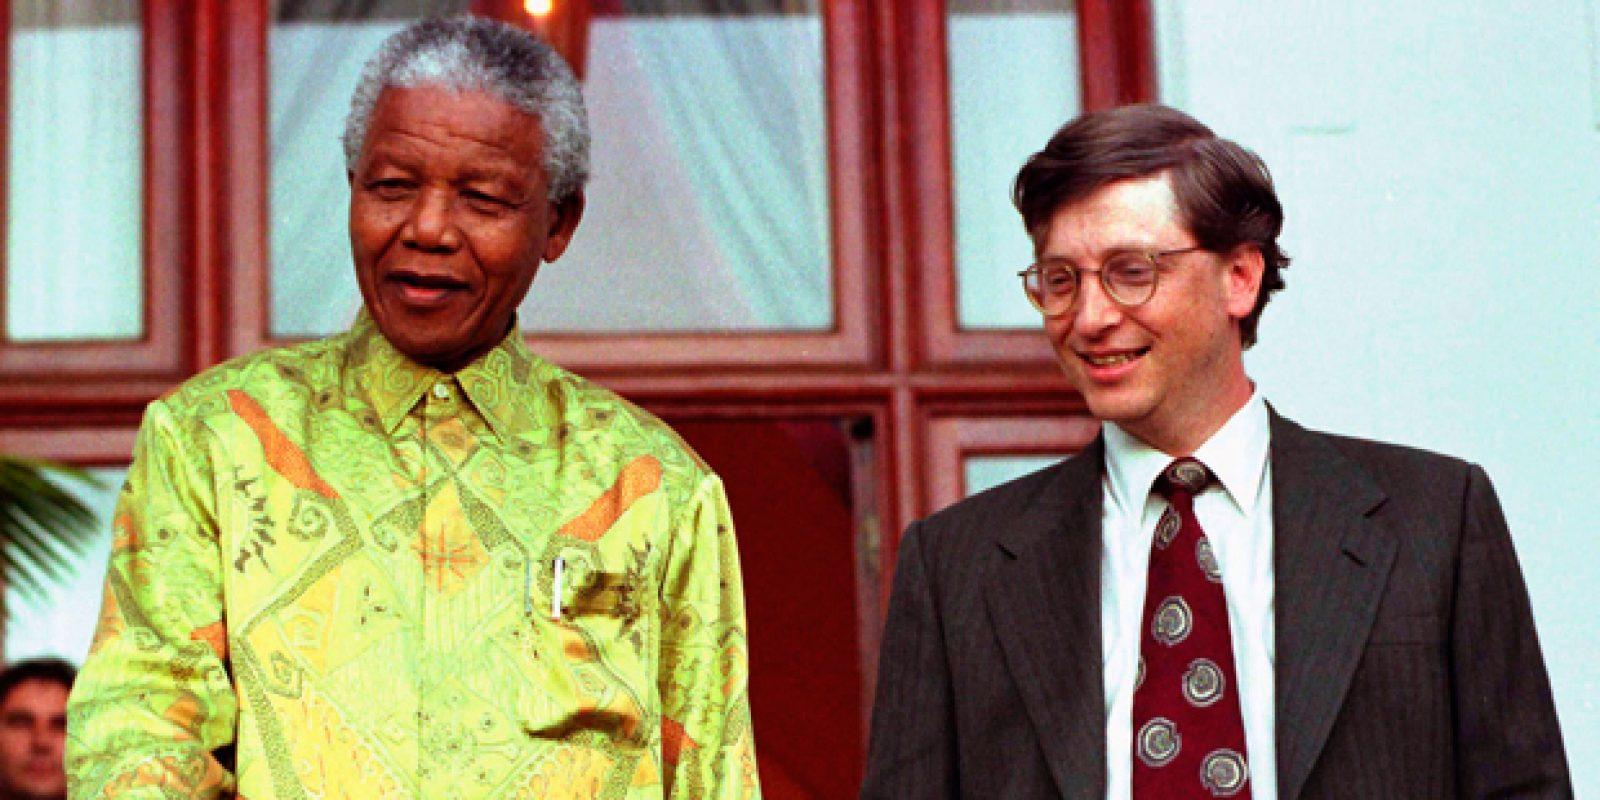 Foto de 1997 registra o encontro do então presidente sul-africano Nelson Mandela com Bill Gates, presidente da Microsoft, após encontro na casa do líder africano, em Cidade do Cabo | Reuters